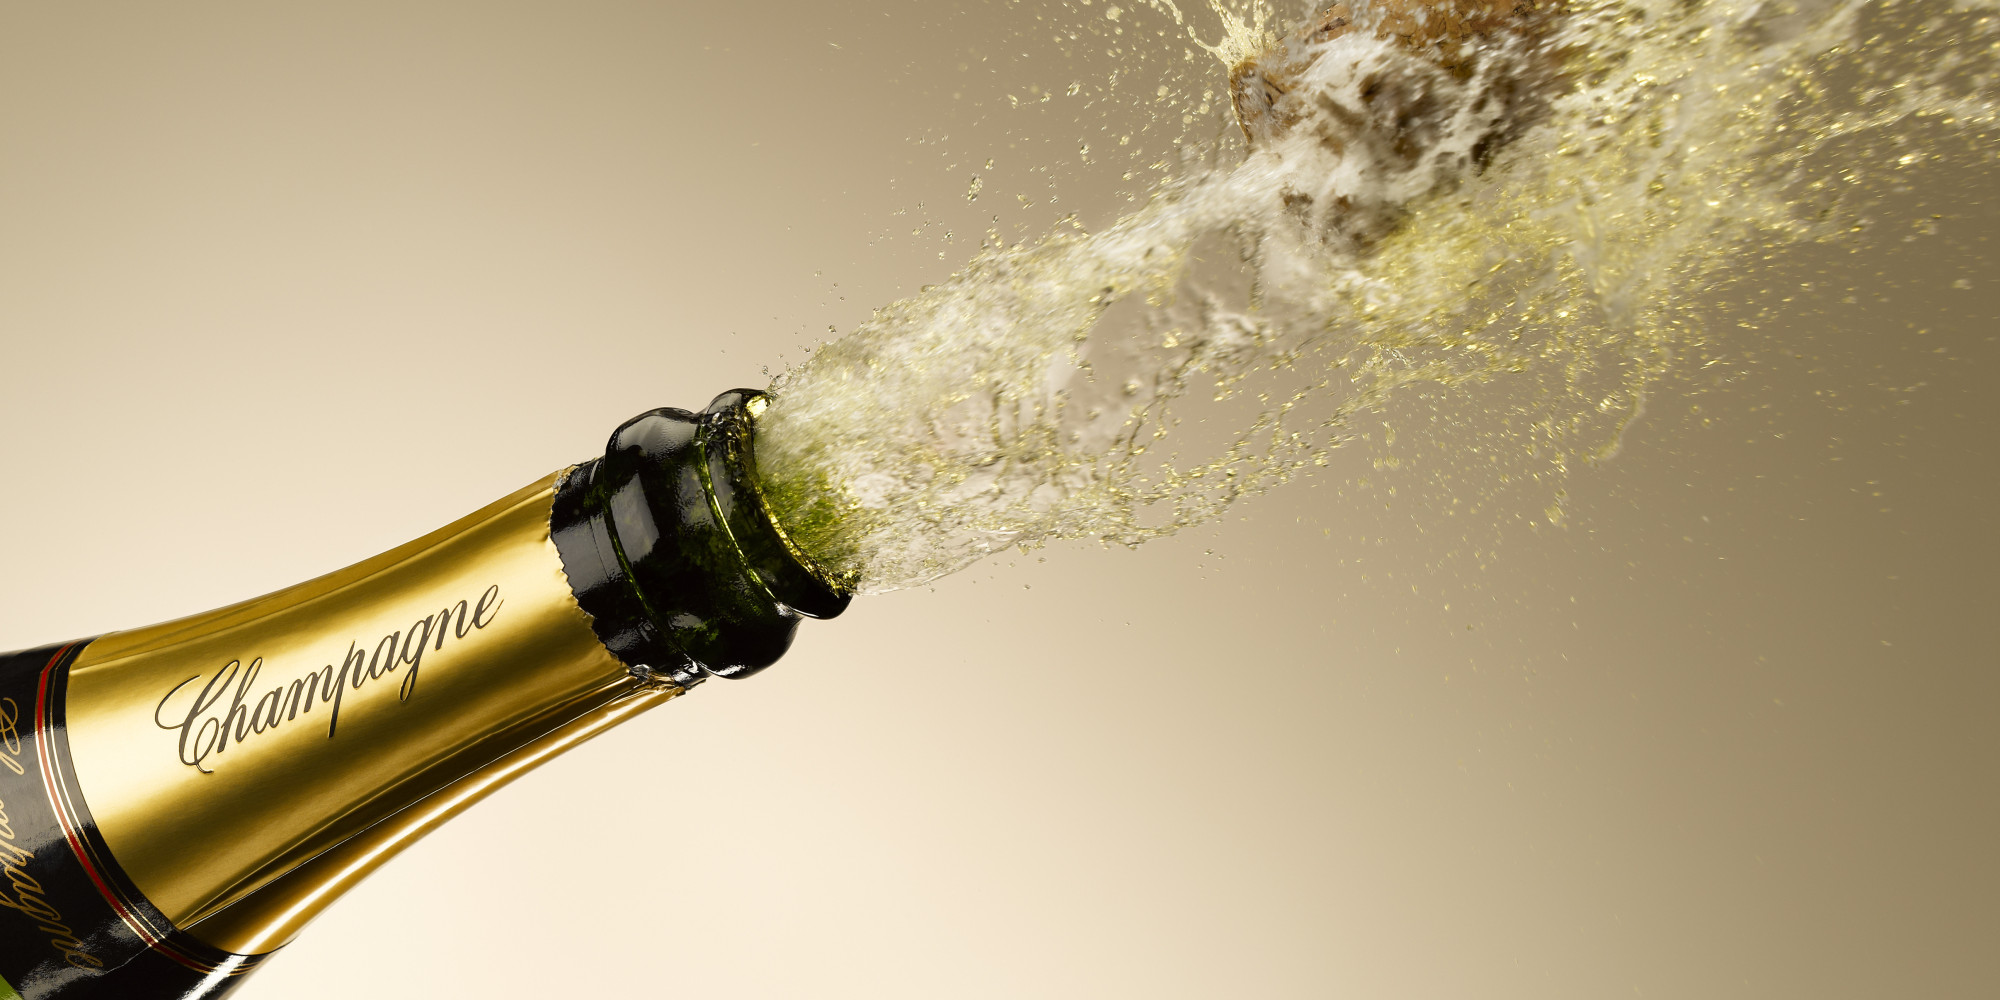 Svečano objavljujem da... - Page 13 Champagne